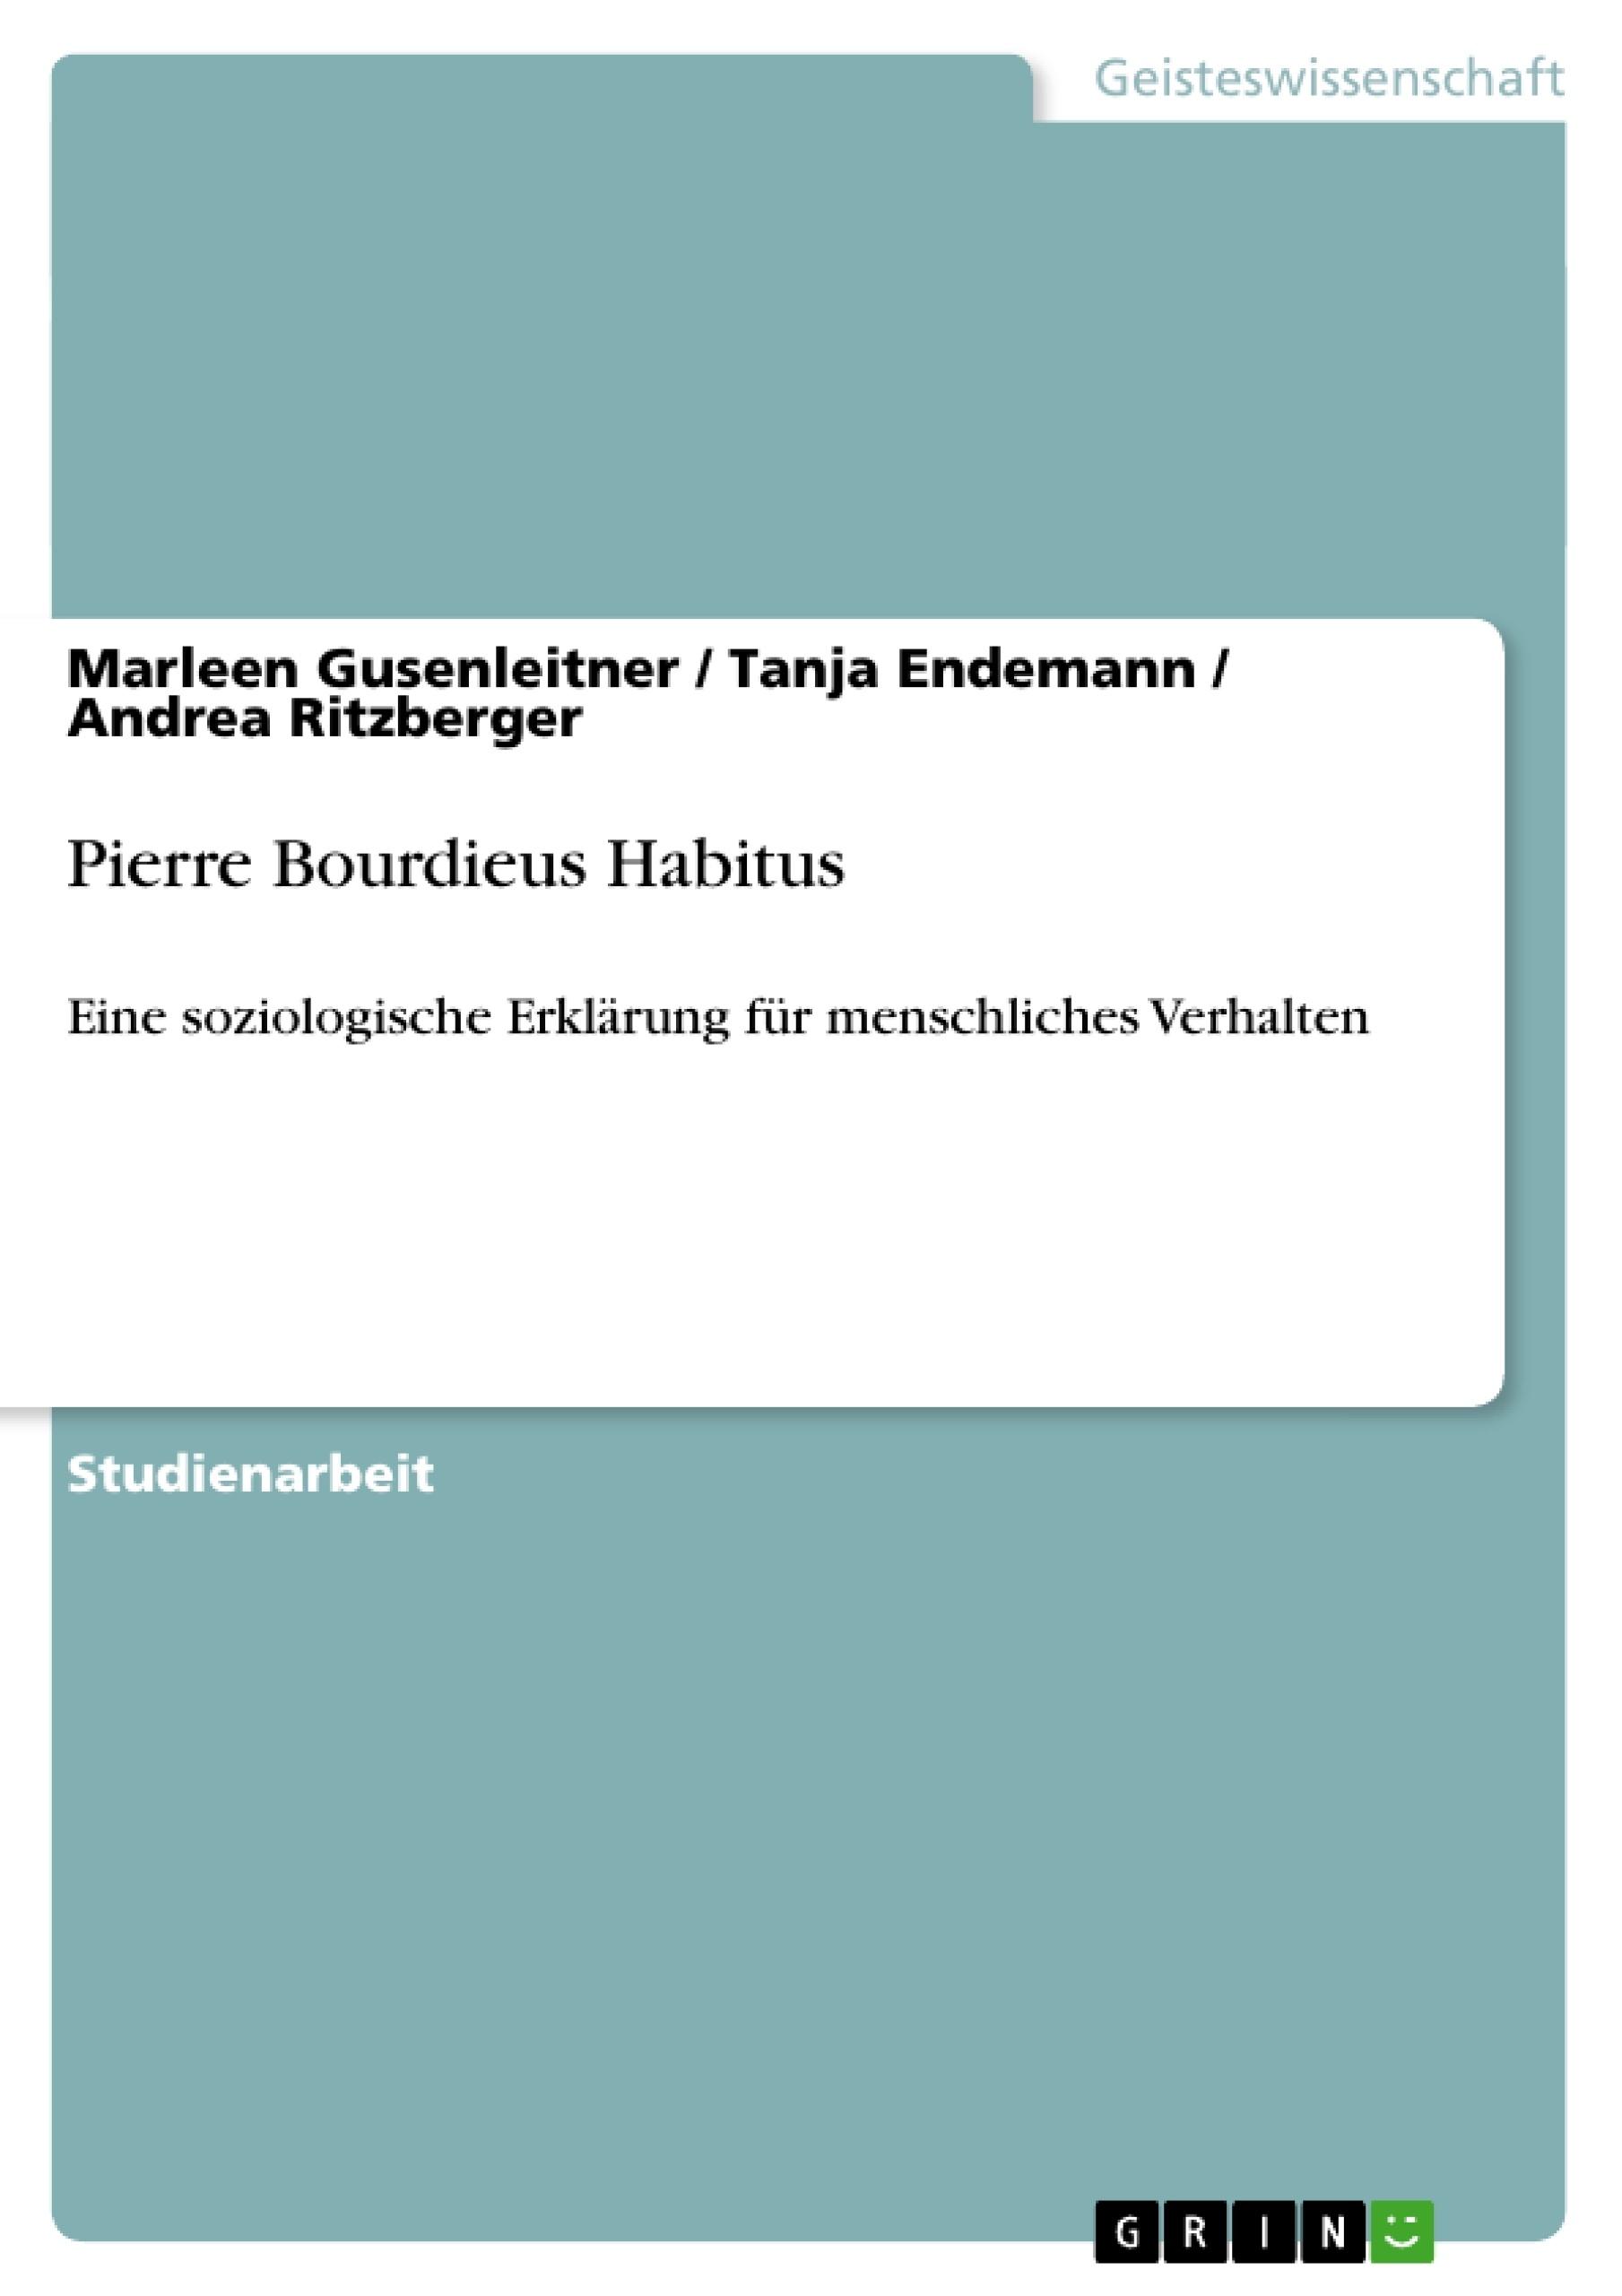 Titel: Pierre Bourdieus Habitus